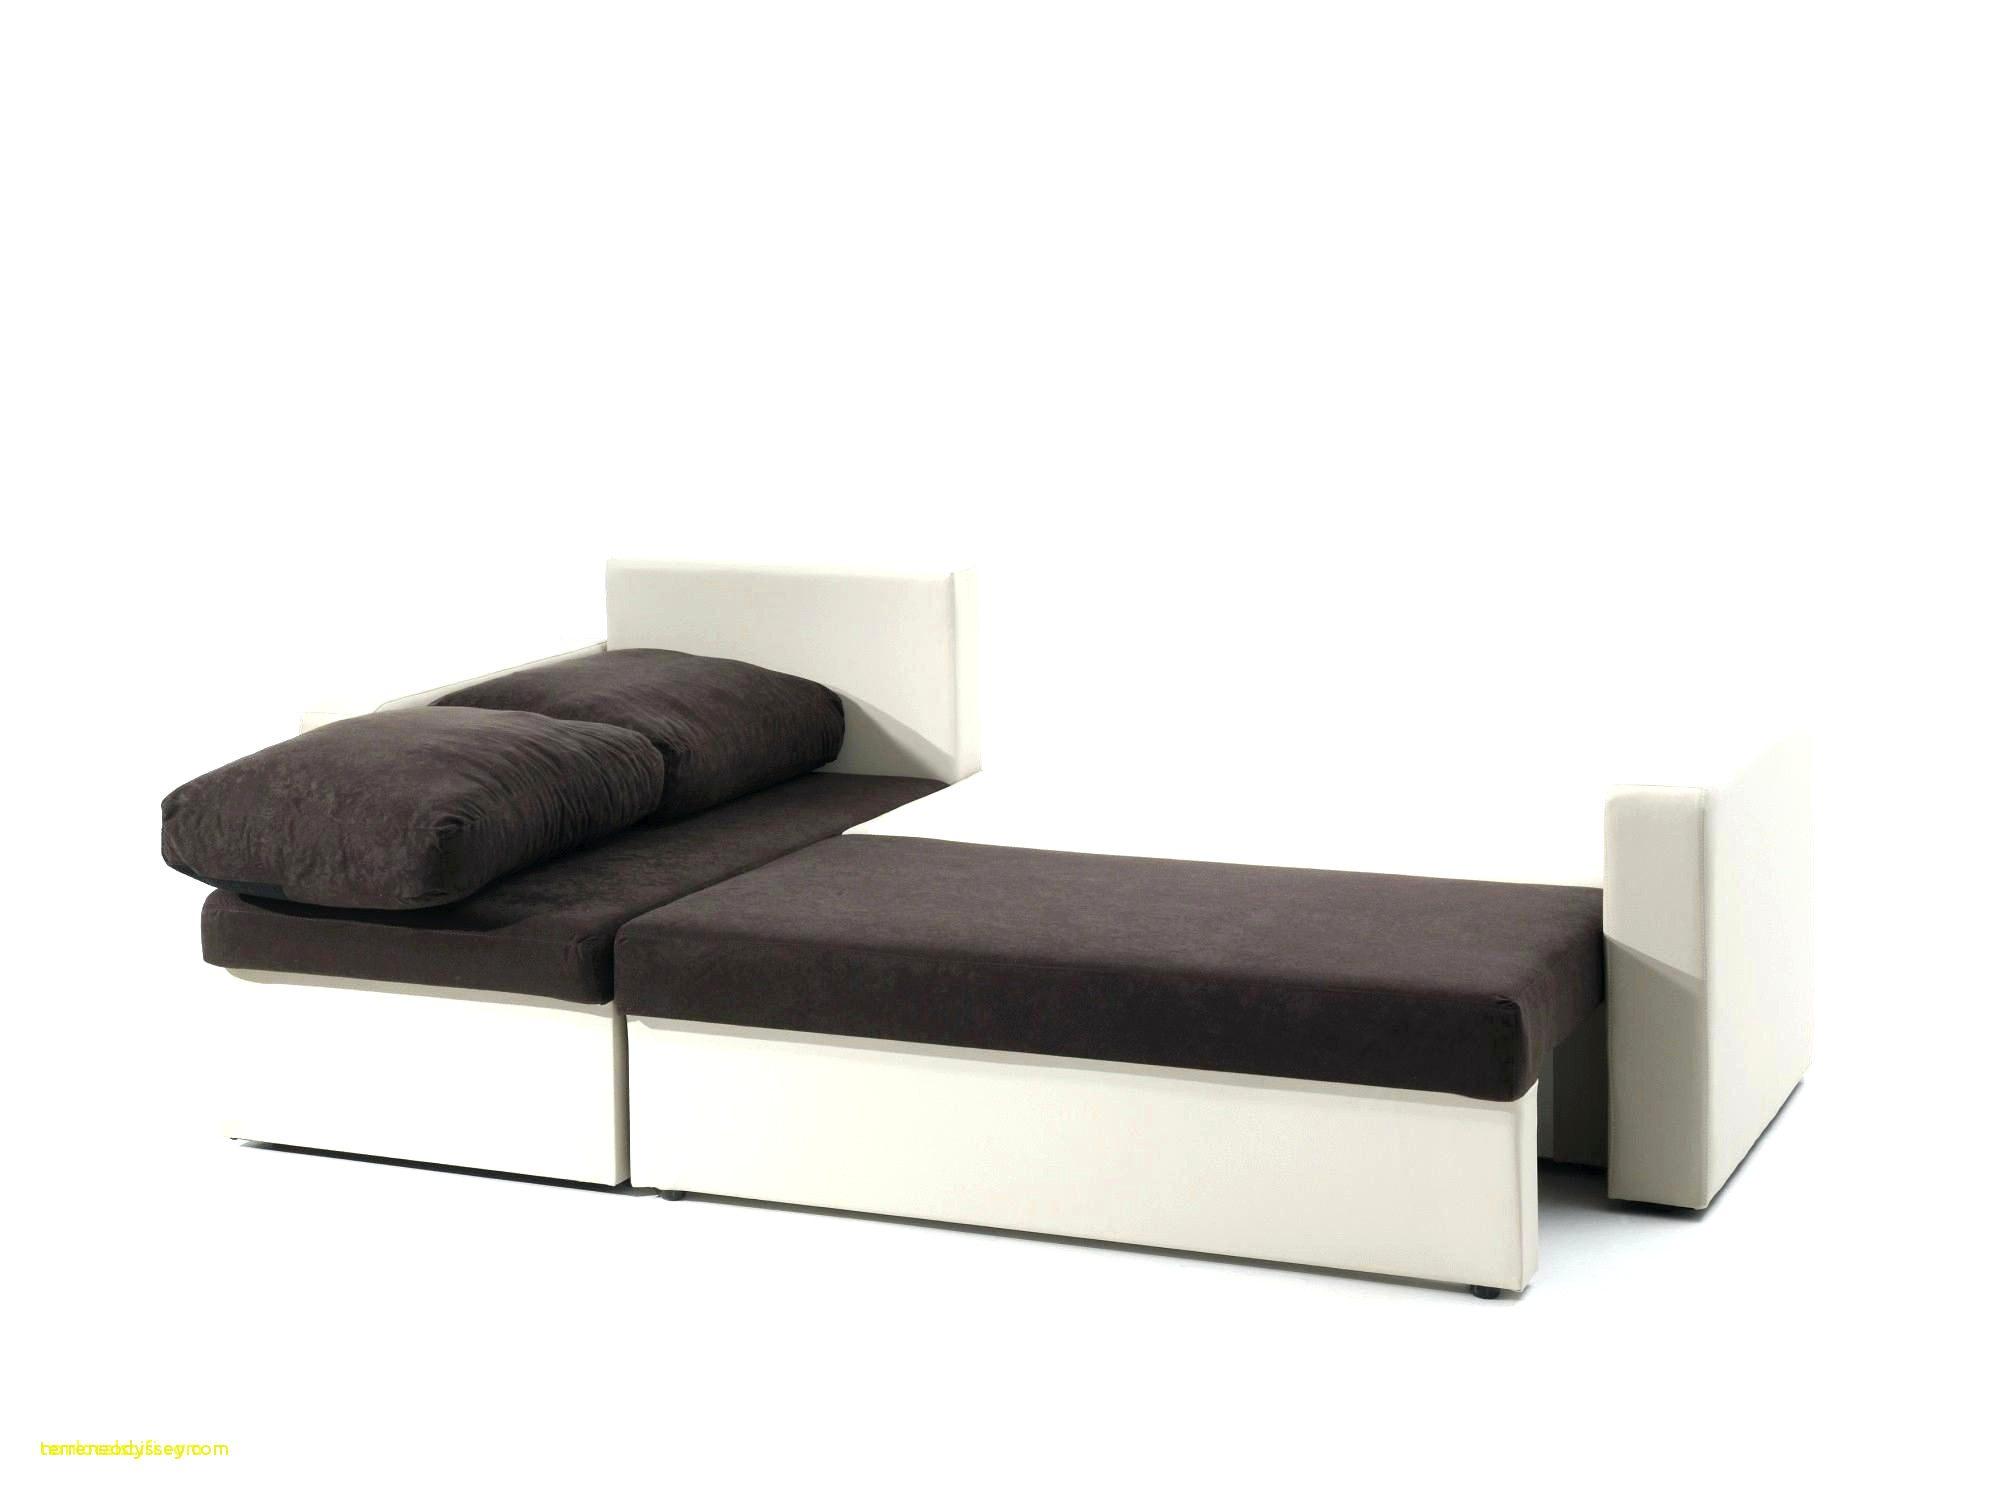 Lits Superposés 3 Places Nouveau Frais Canapé Avec Biblioth¨que Intégrée – Intérieure Design Maison